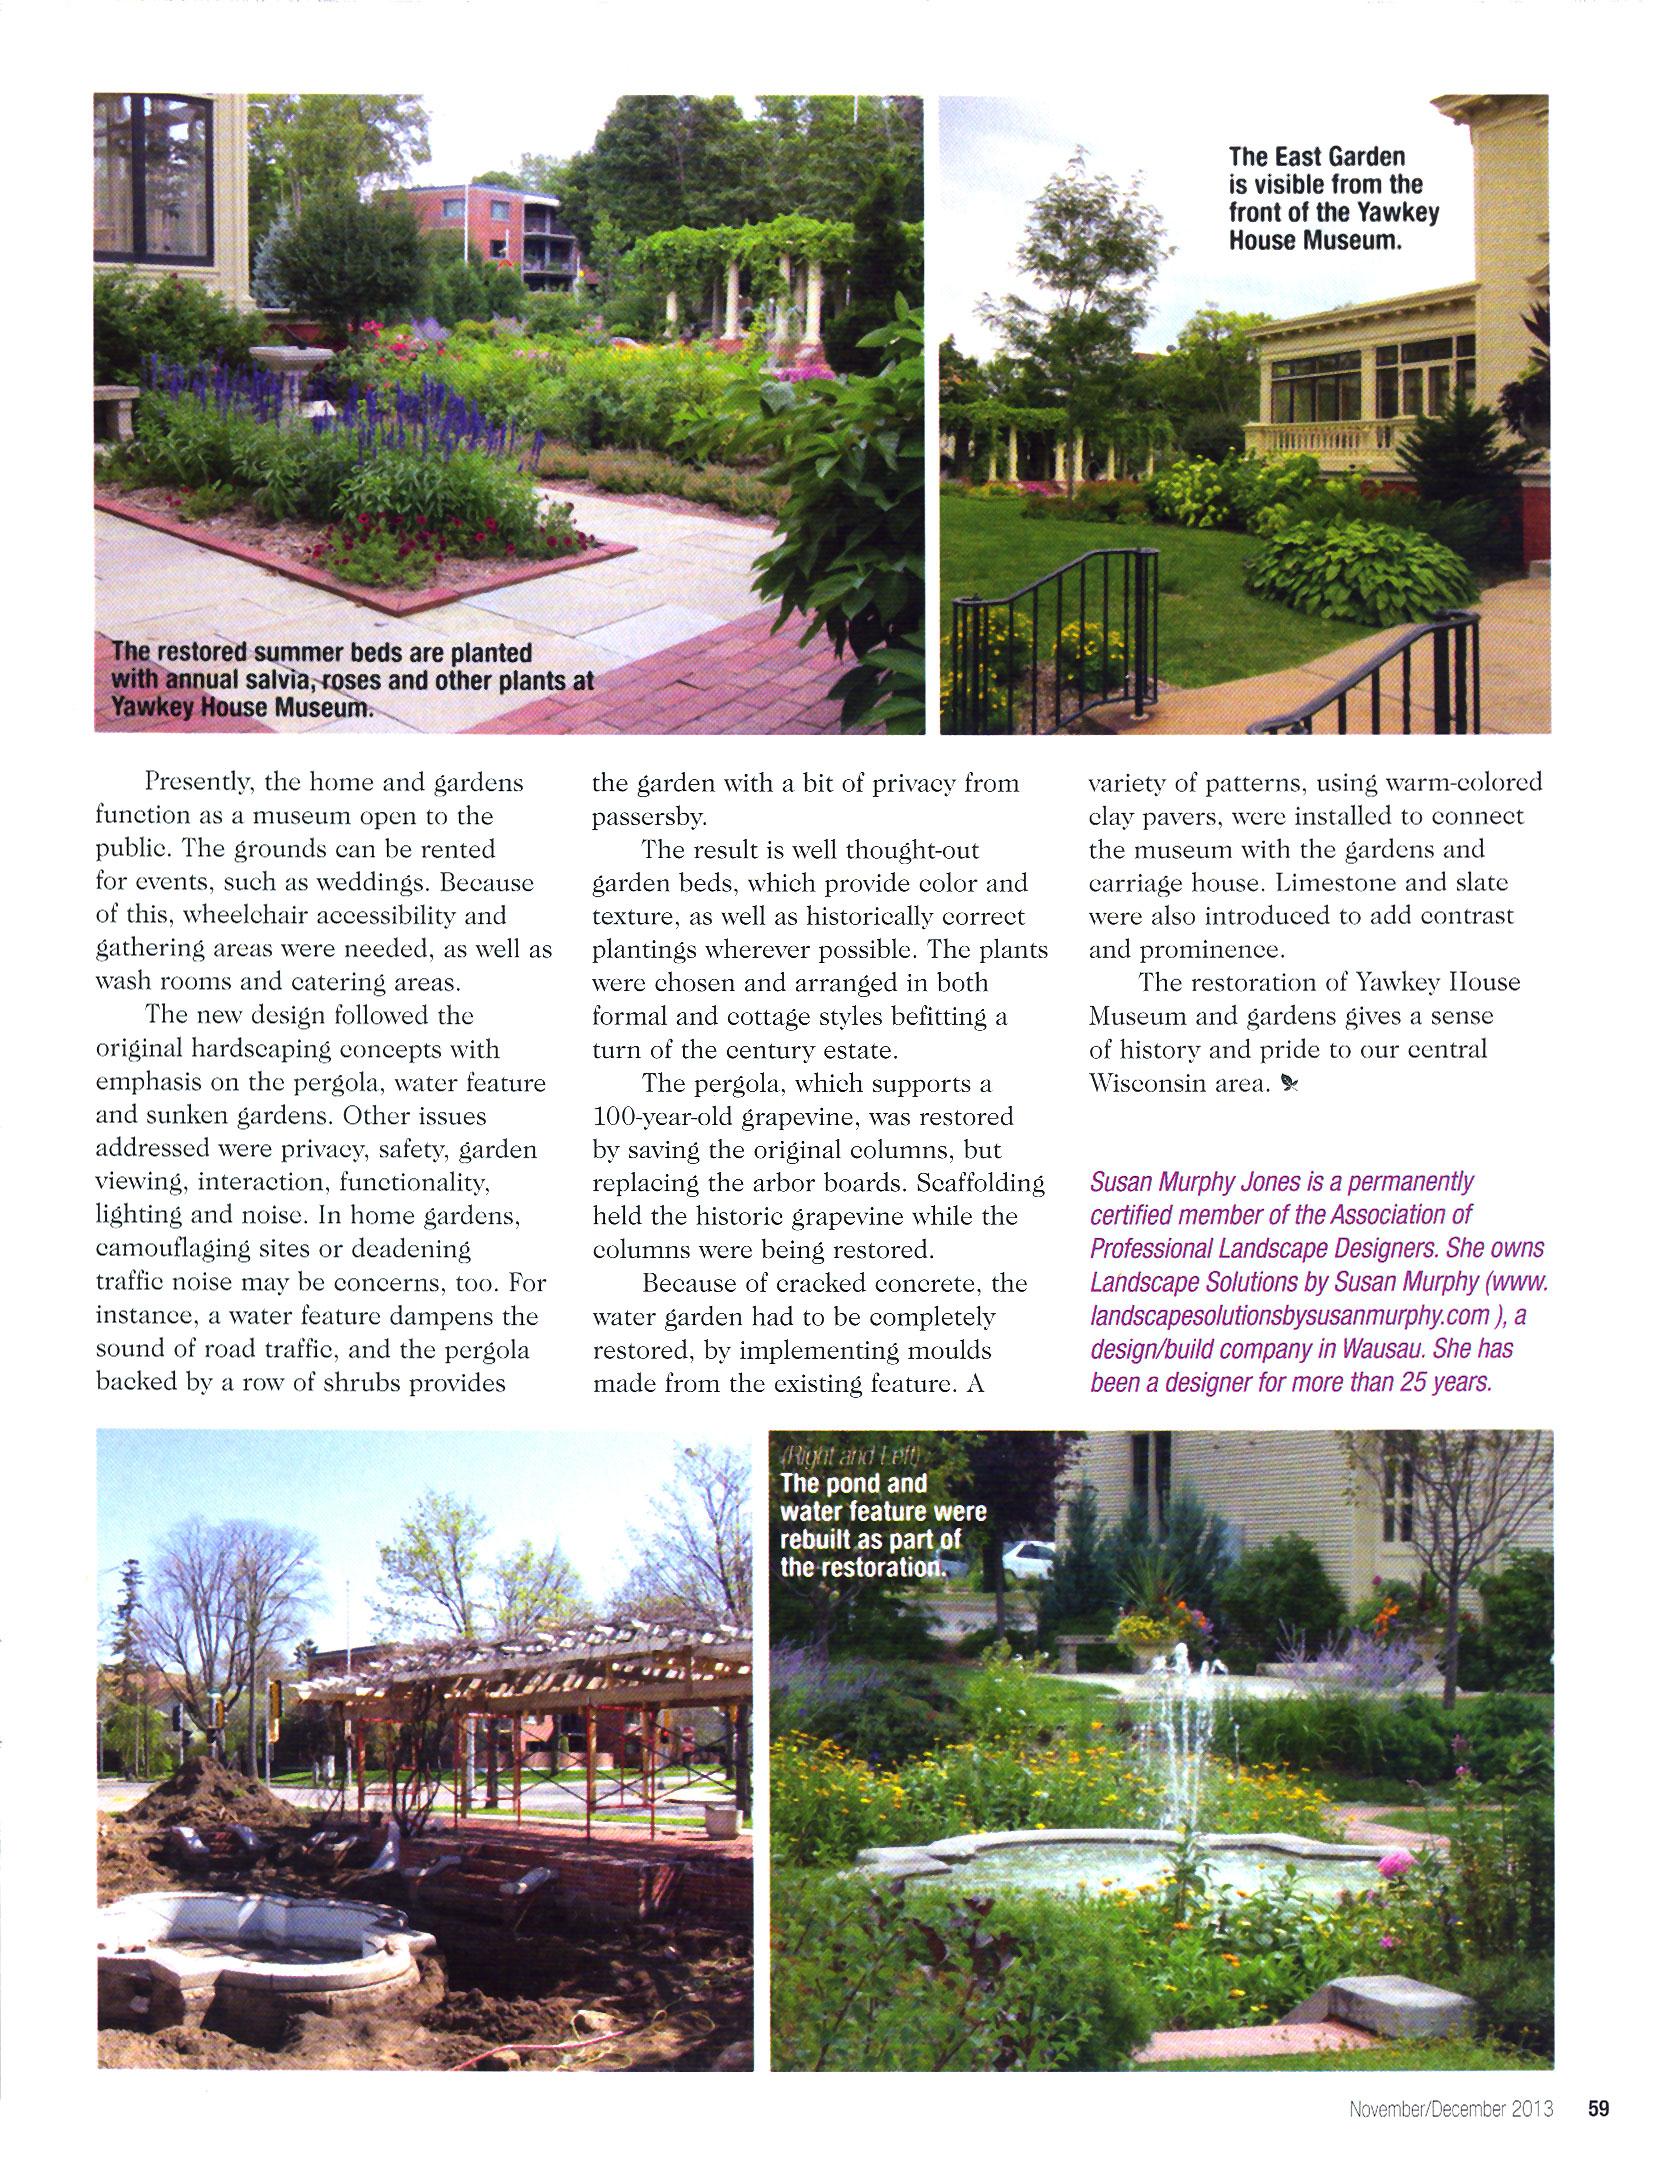 Merveilleux Original Plans Guide Landscape Restoration Original Plans Guide Landscape  Restoration